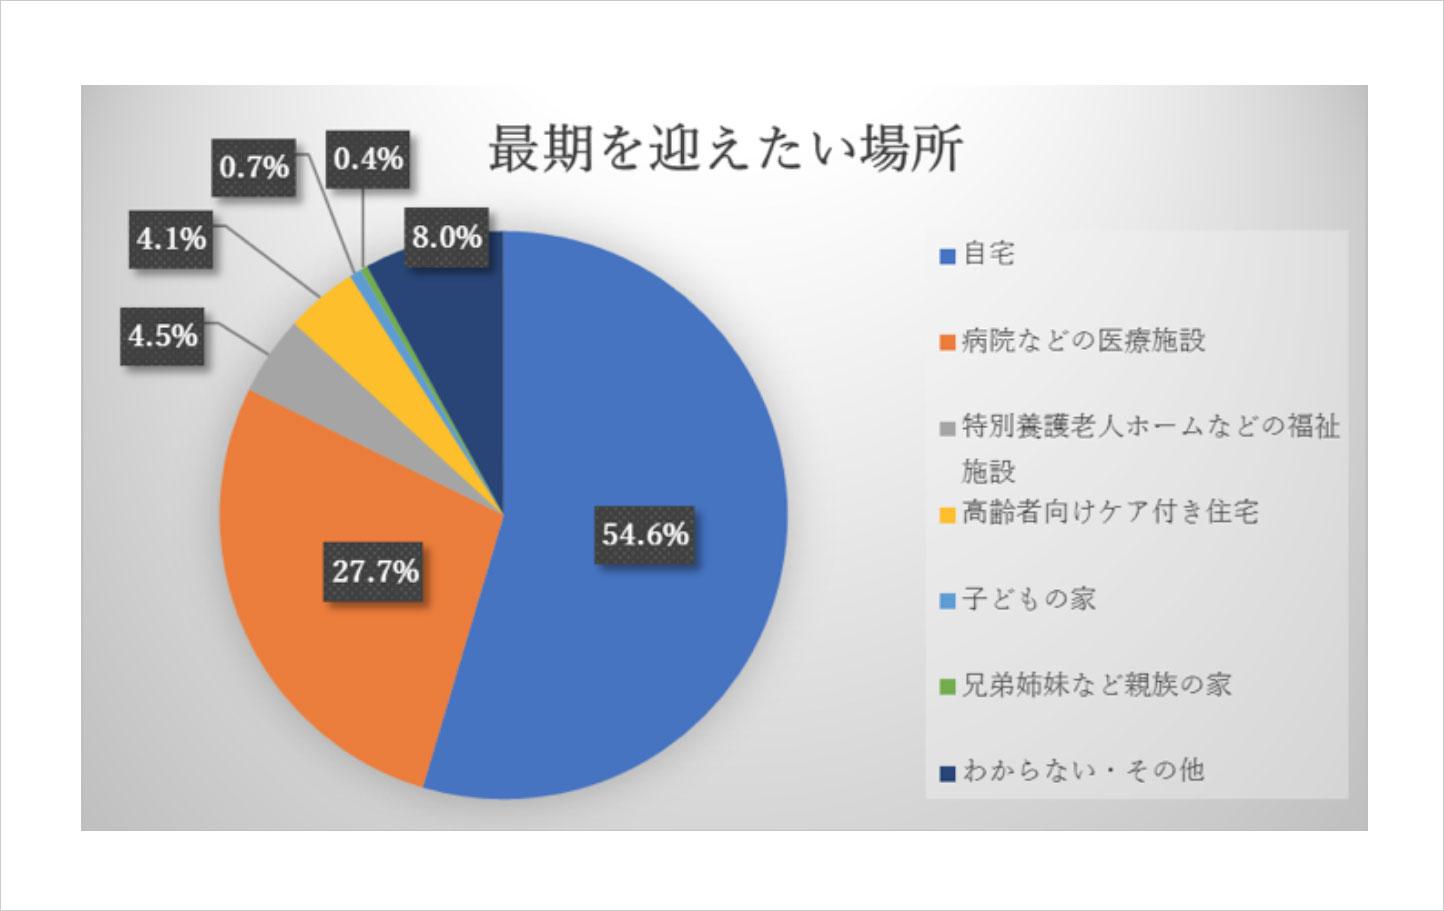 ※出典:平成24年度 高齢者の健康に関する意識調査(内閣府)